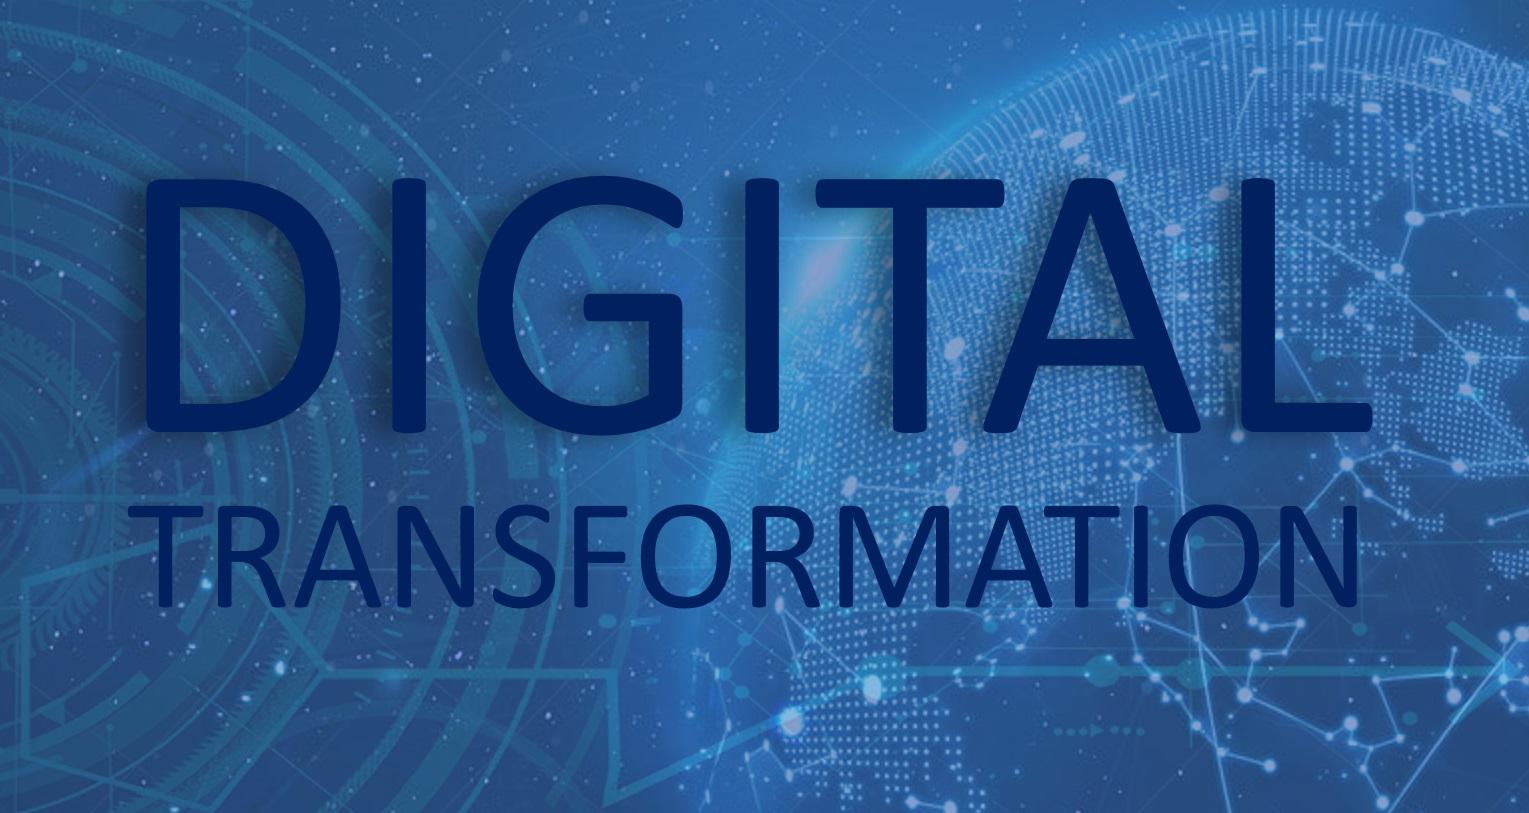 Материалы Общественных слушаний Ассоциации «Цифровая энергетика» по экспертному обсуждению «Стратегии цифровой трансформации электроэнергетики»